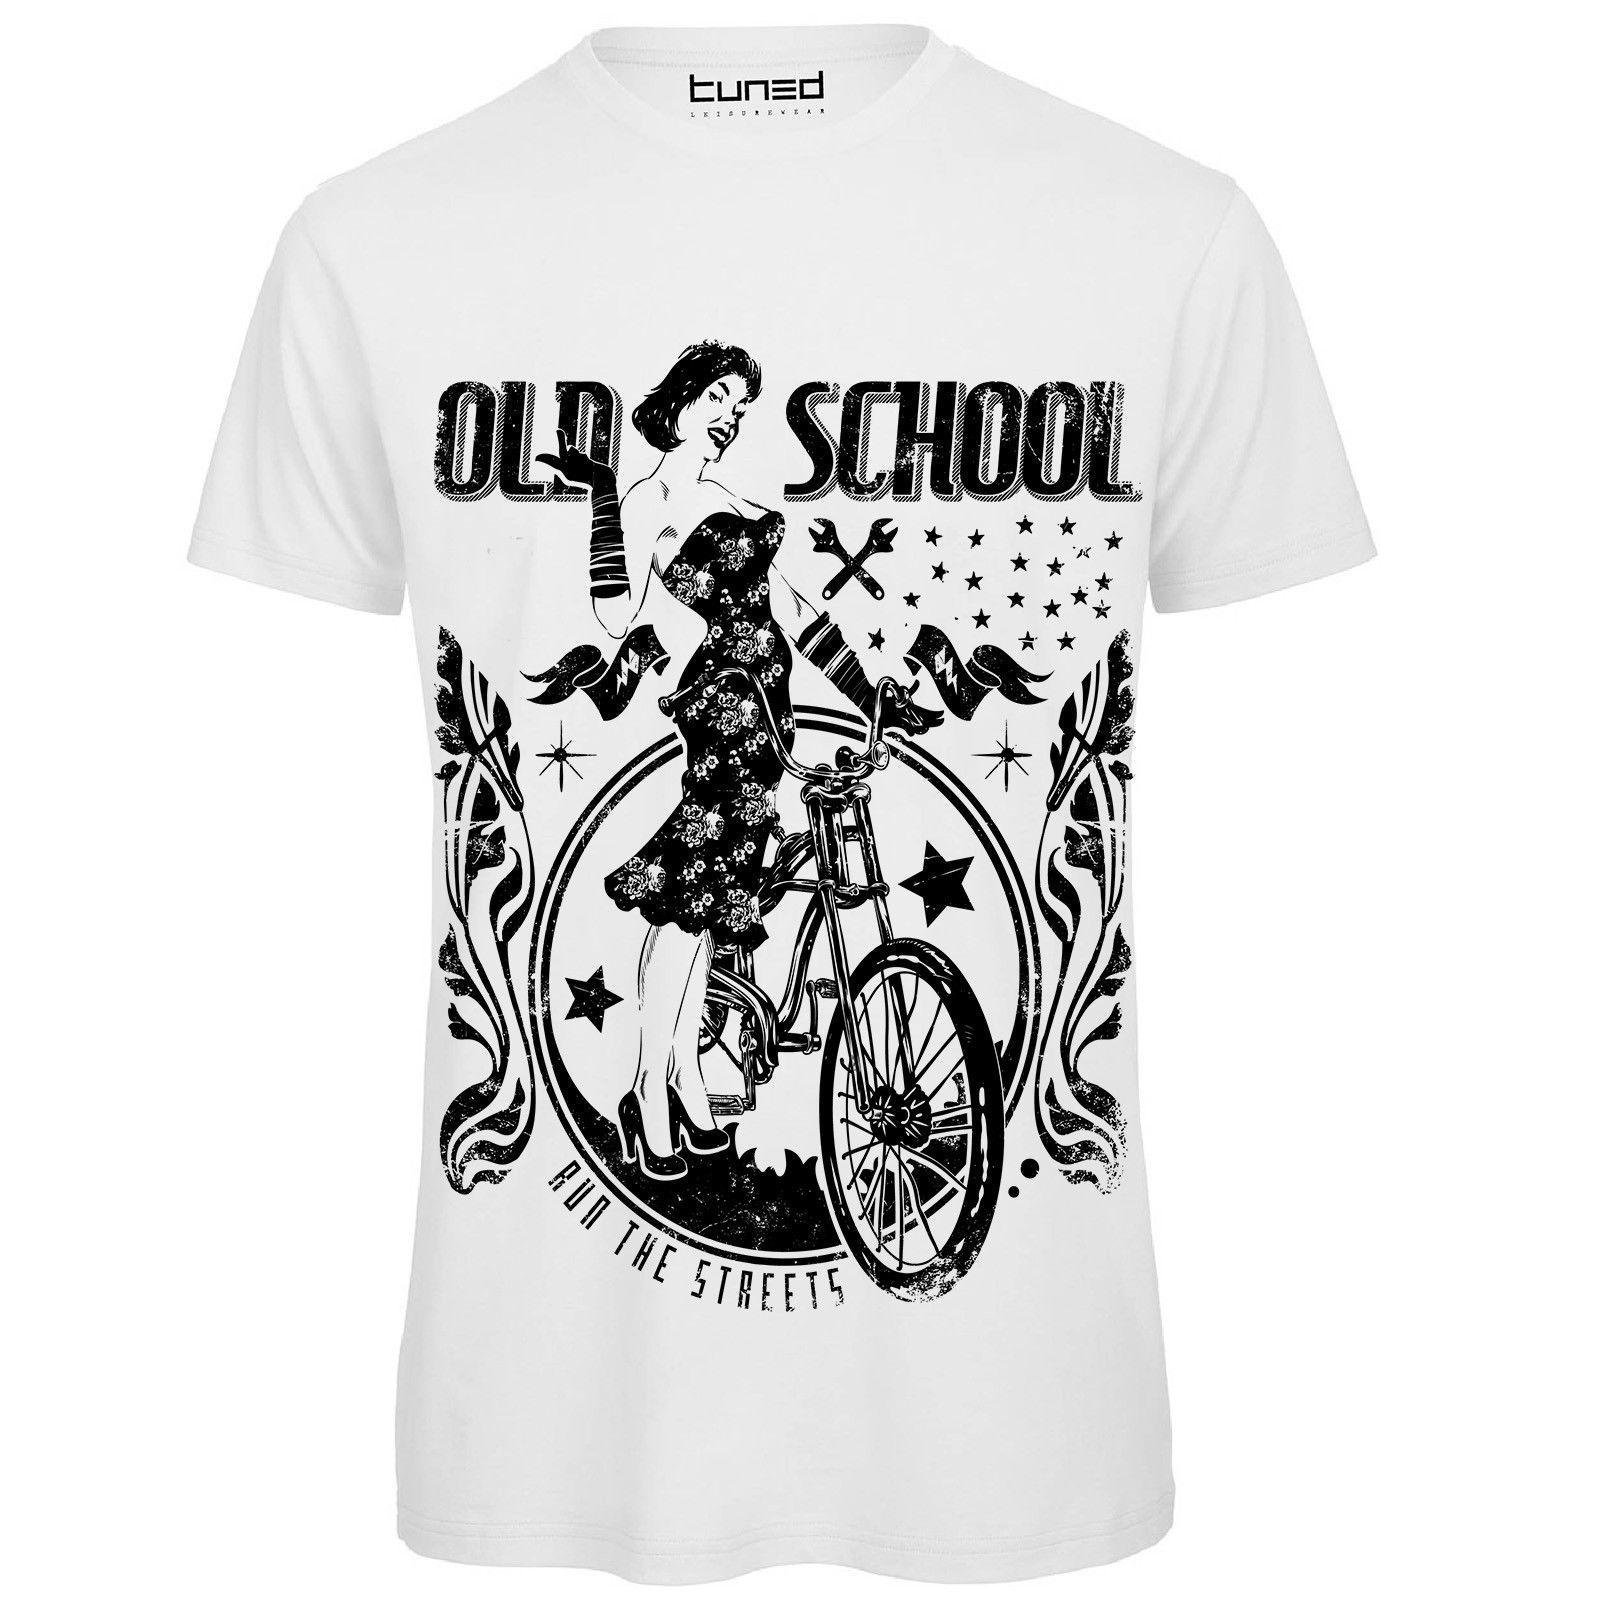 Camiseta Divertente Uomo de Maglietta Con Stampa personalizada Old School Bicicletta Tuned algodón camiseta de los hombres arriba de regalo Tee